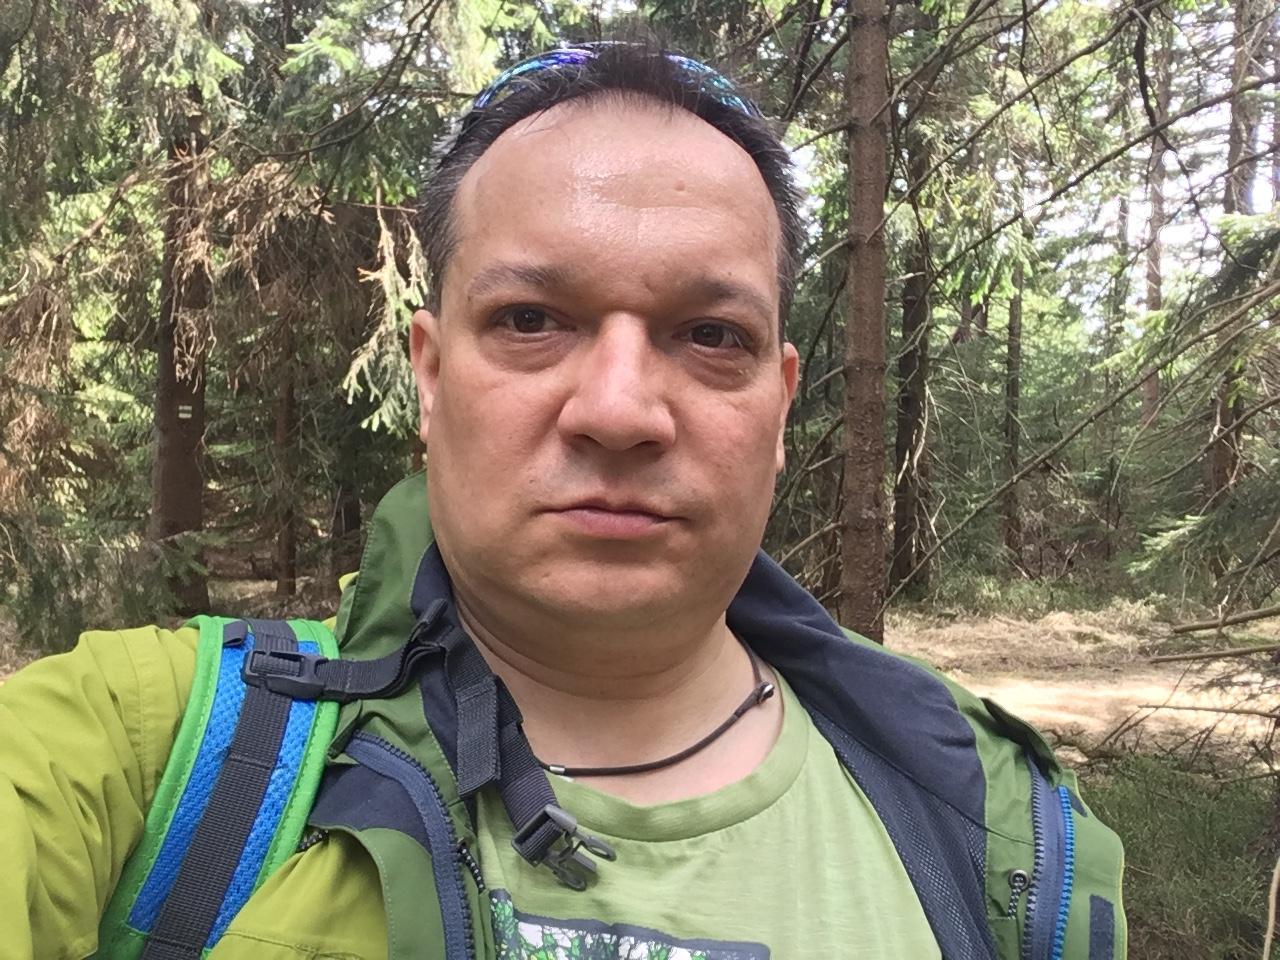 Pery na vrcholu Malý Travný (15.4.2018 13:28)